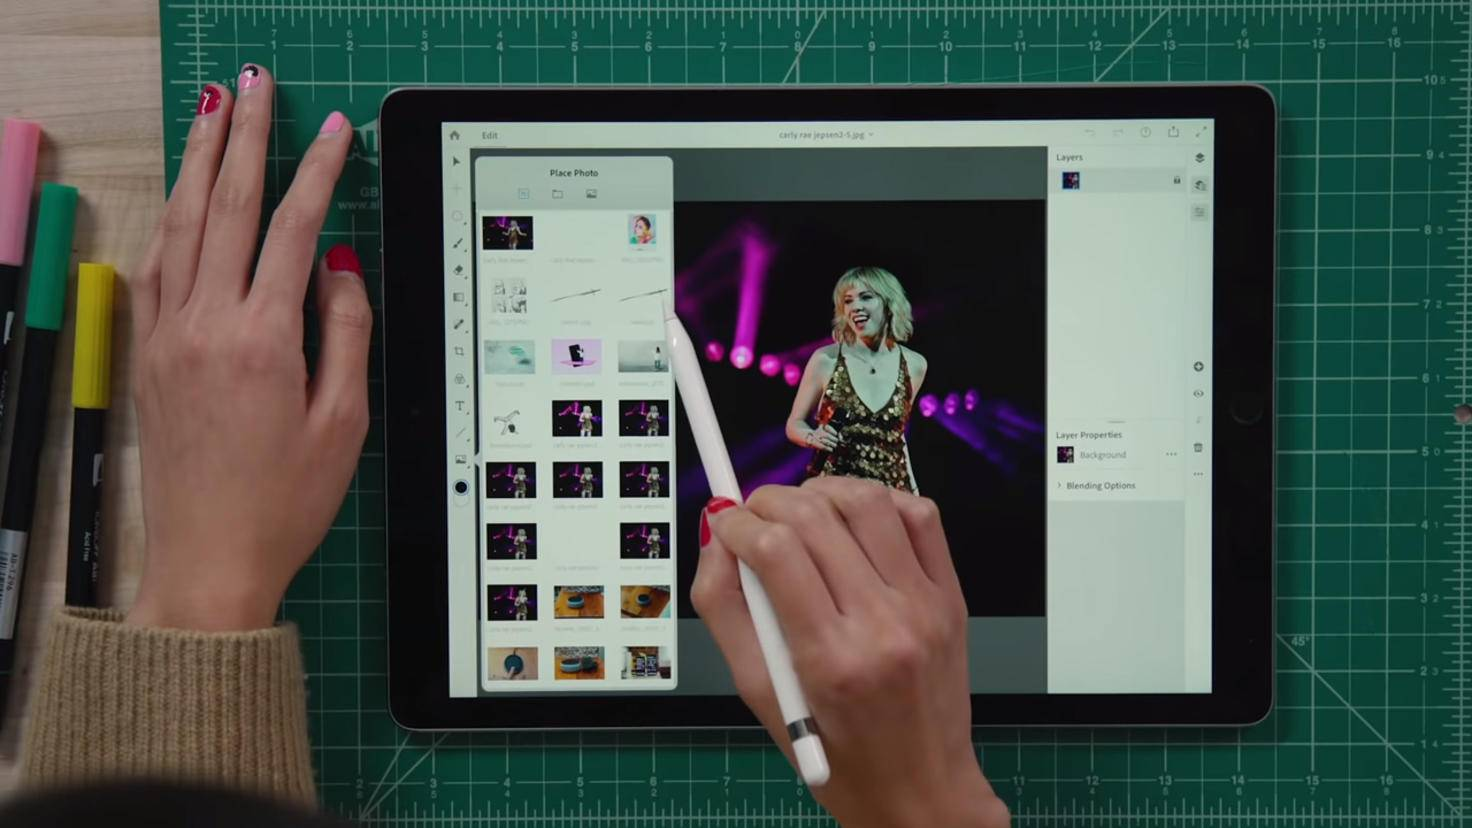 iPad Photoshop